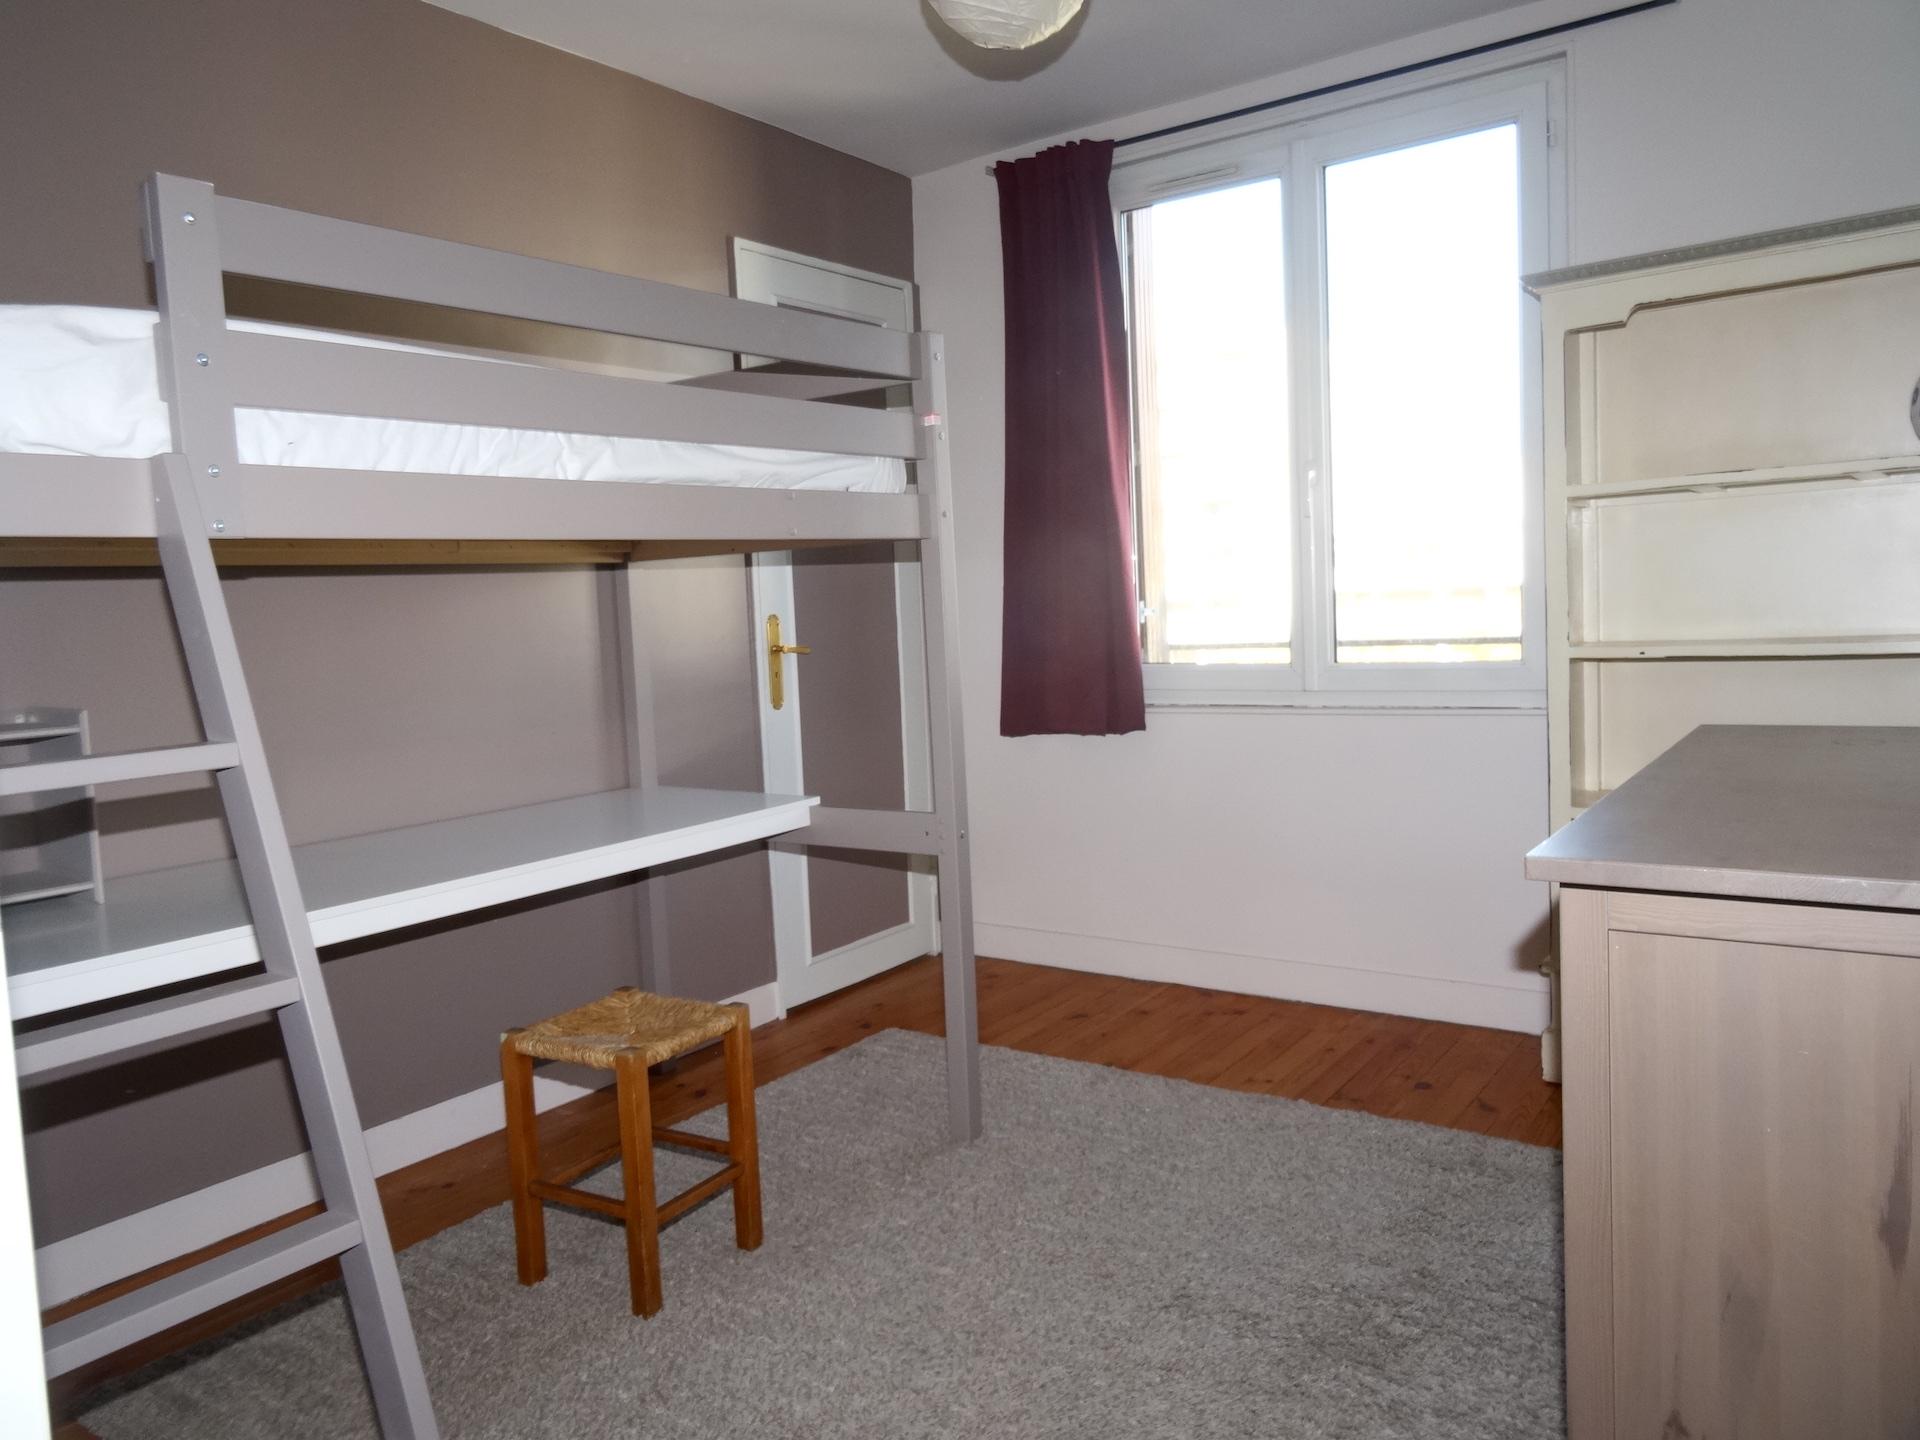 lit-superpose-location-meublee-boulogne- la-clef-des-villes-agence-immobiliere-boulogne